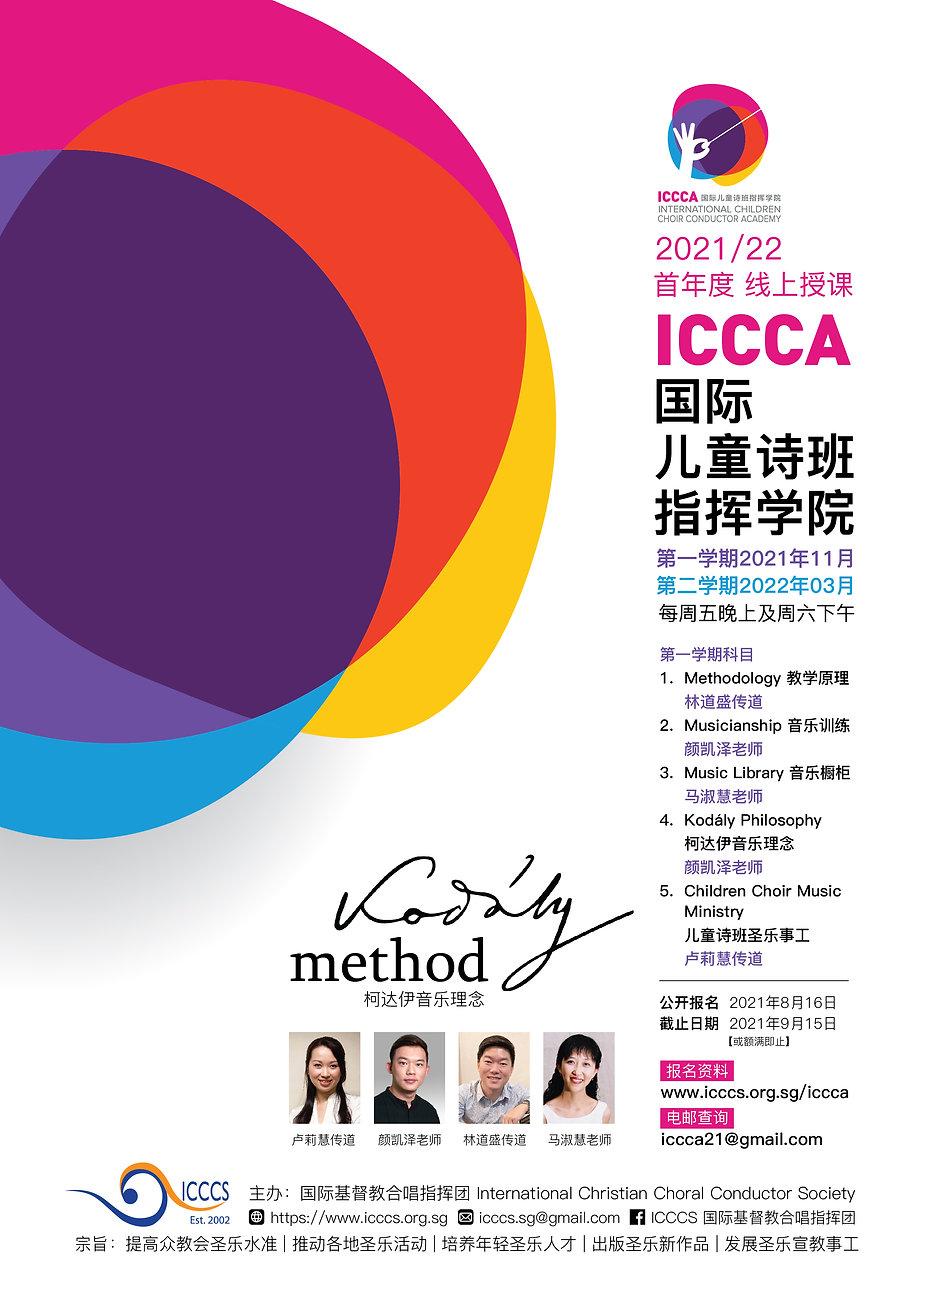 ICCCA 2021-22_Poster-01.jpg